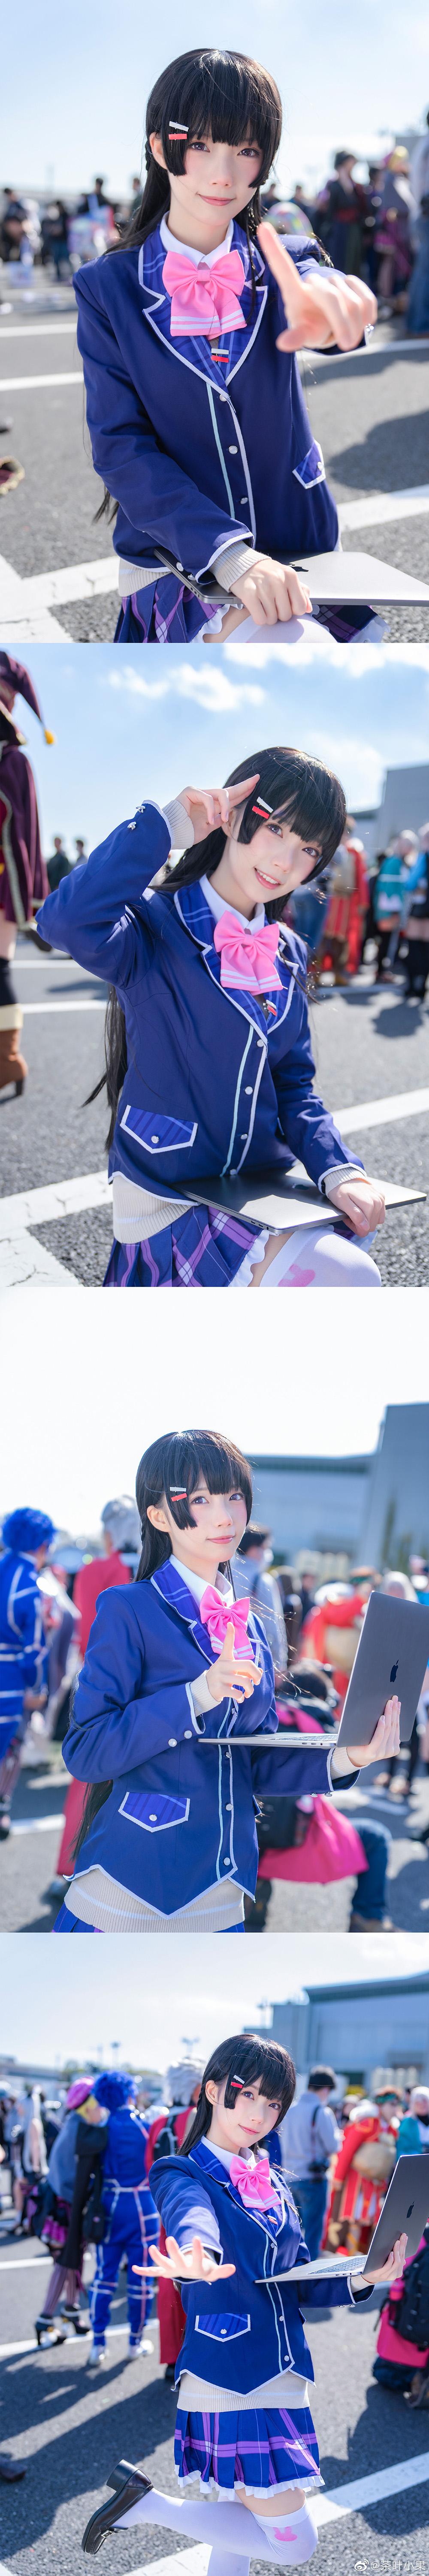 月ノ美兎 cos插图7